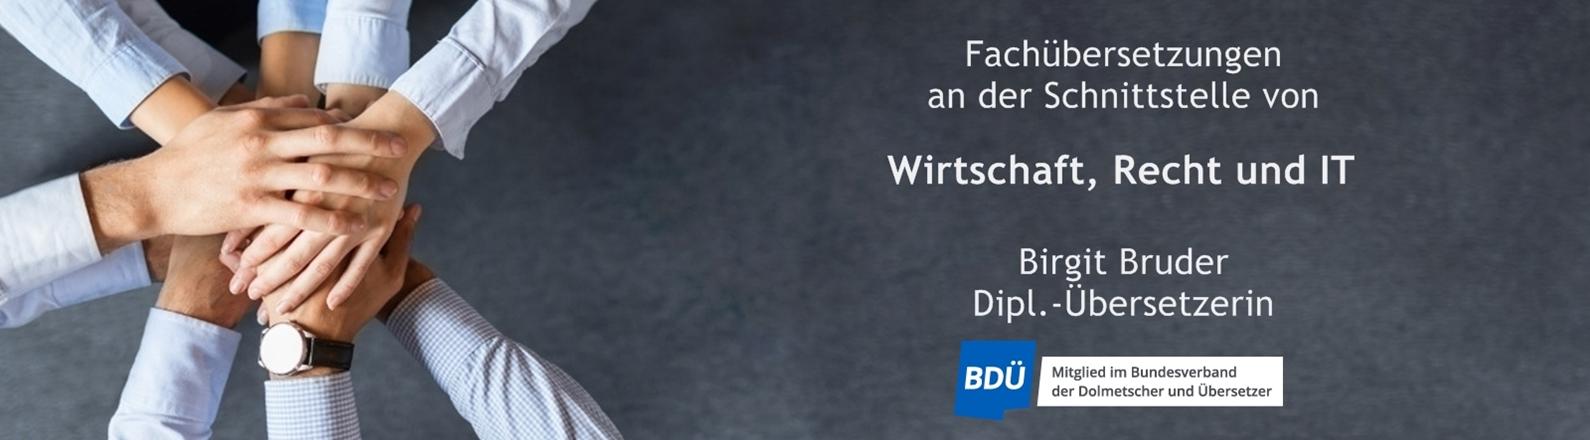 """10 Hände zu einem Stapel aufgetürmt, daneben der Text """"Fachübersetzungen an der Schnittstelle von Wirtschaft, Recht und IT. Birgit Bruder Dipl.-Übersetzerin, Mitglied im Bundesverband der Dolmetscher und Übersetzer."""""""